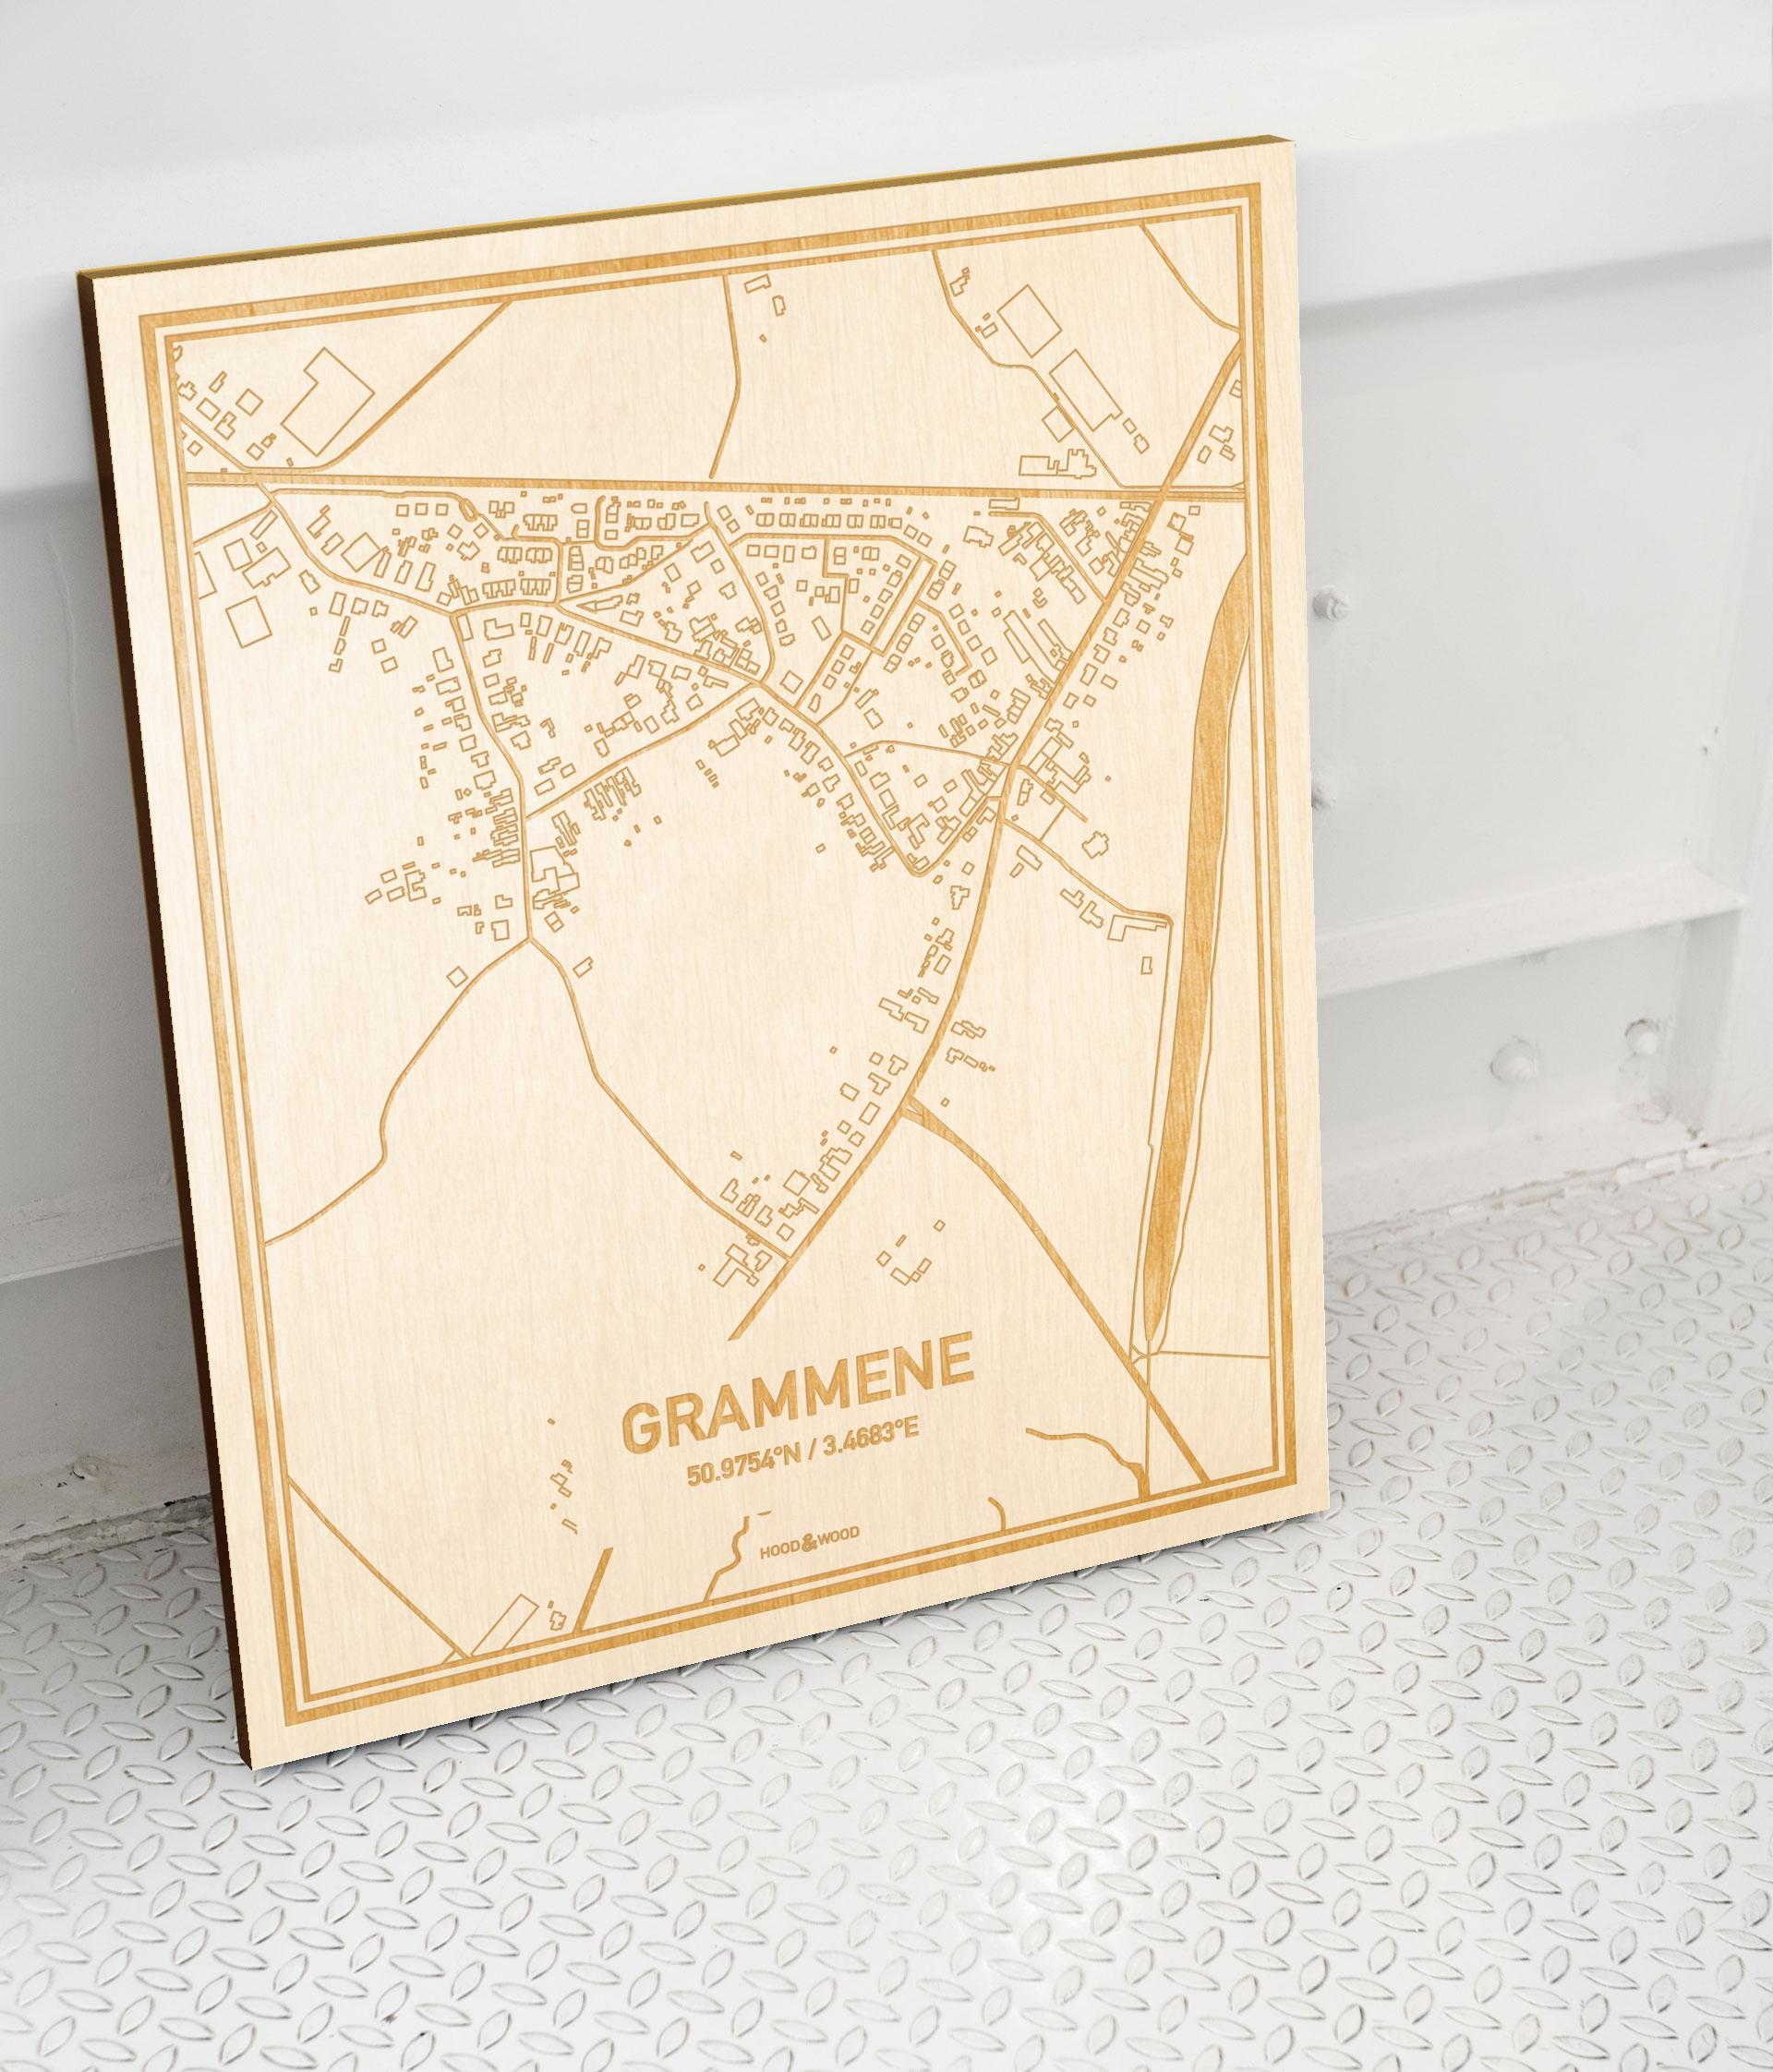 Plattegrond Grammene als prachtige houten wanddecoratie. Het warme hout contrasteert mooi met de witte muur.